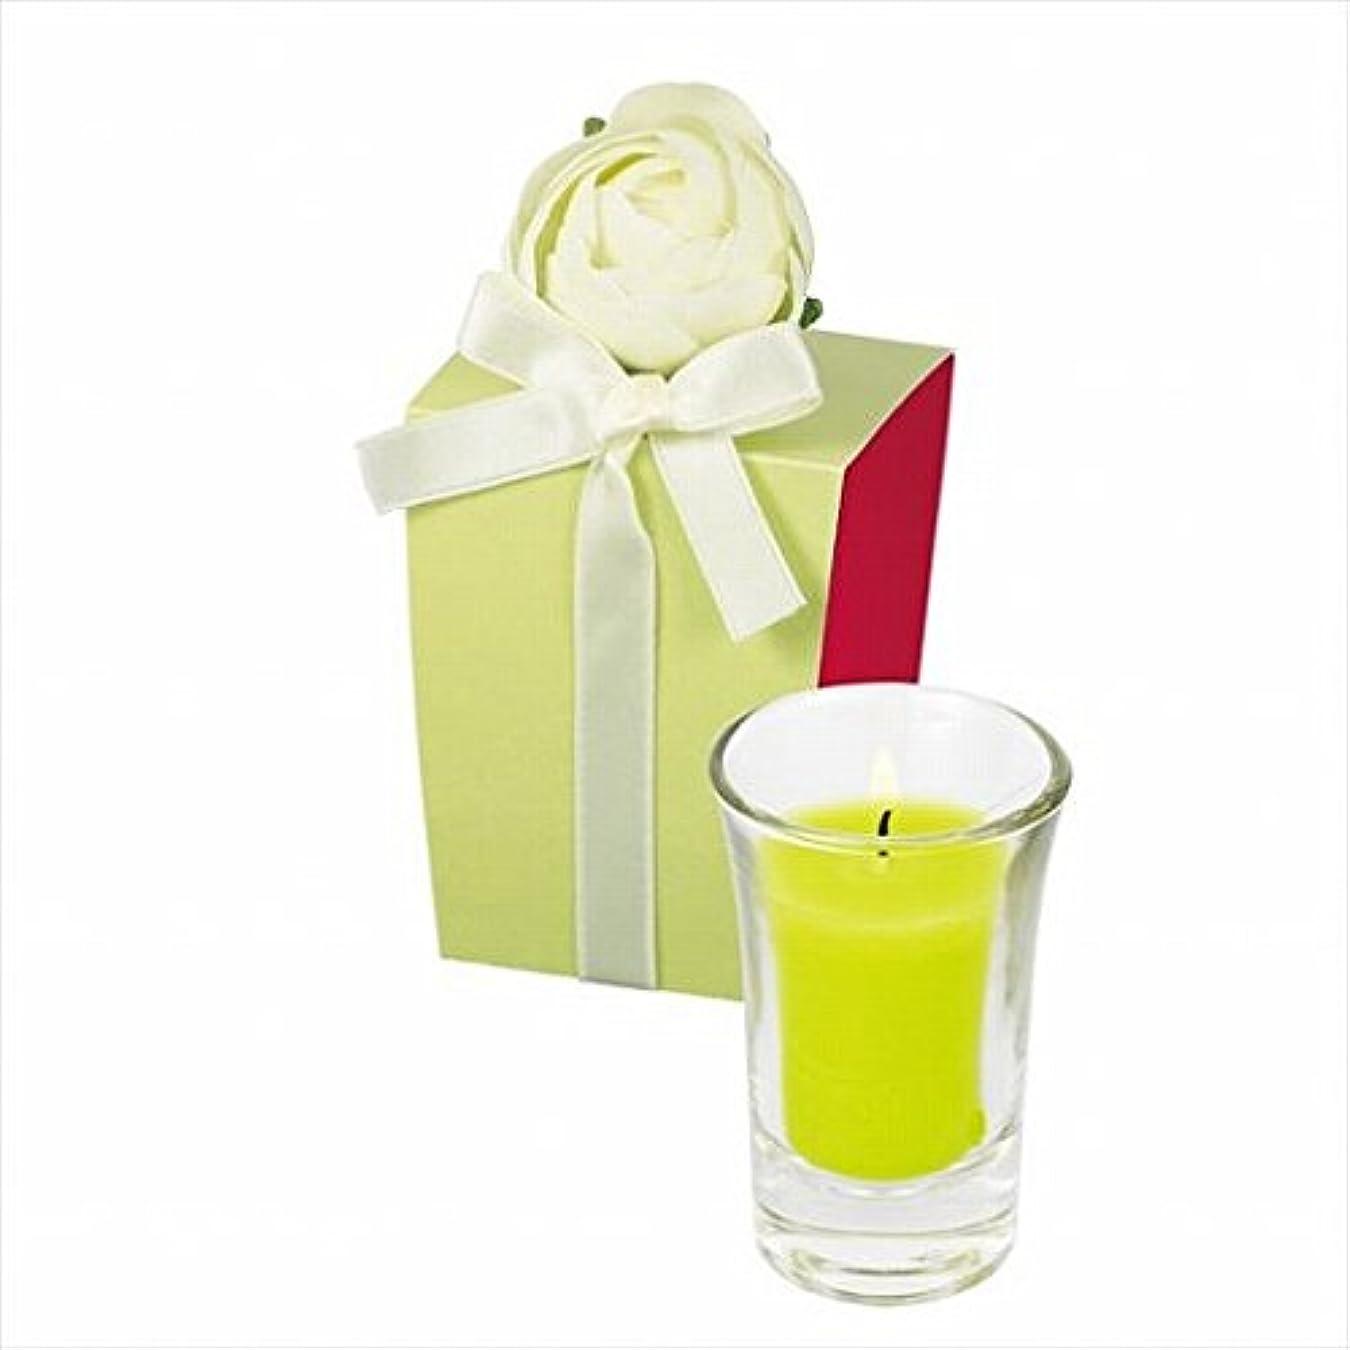 楽しませる生命体手カメヤマキャンドル(kameyama candle) ラナンキュラスグラスキャンドル 「 ライトグリーン 」